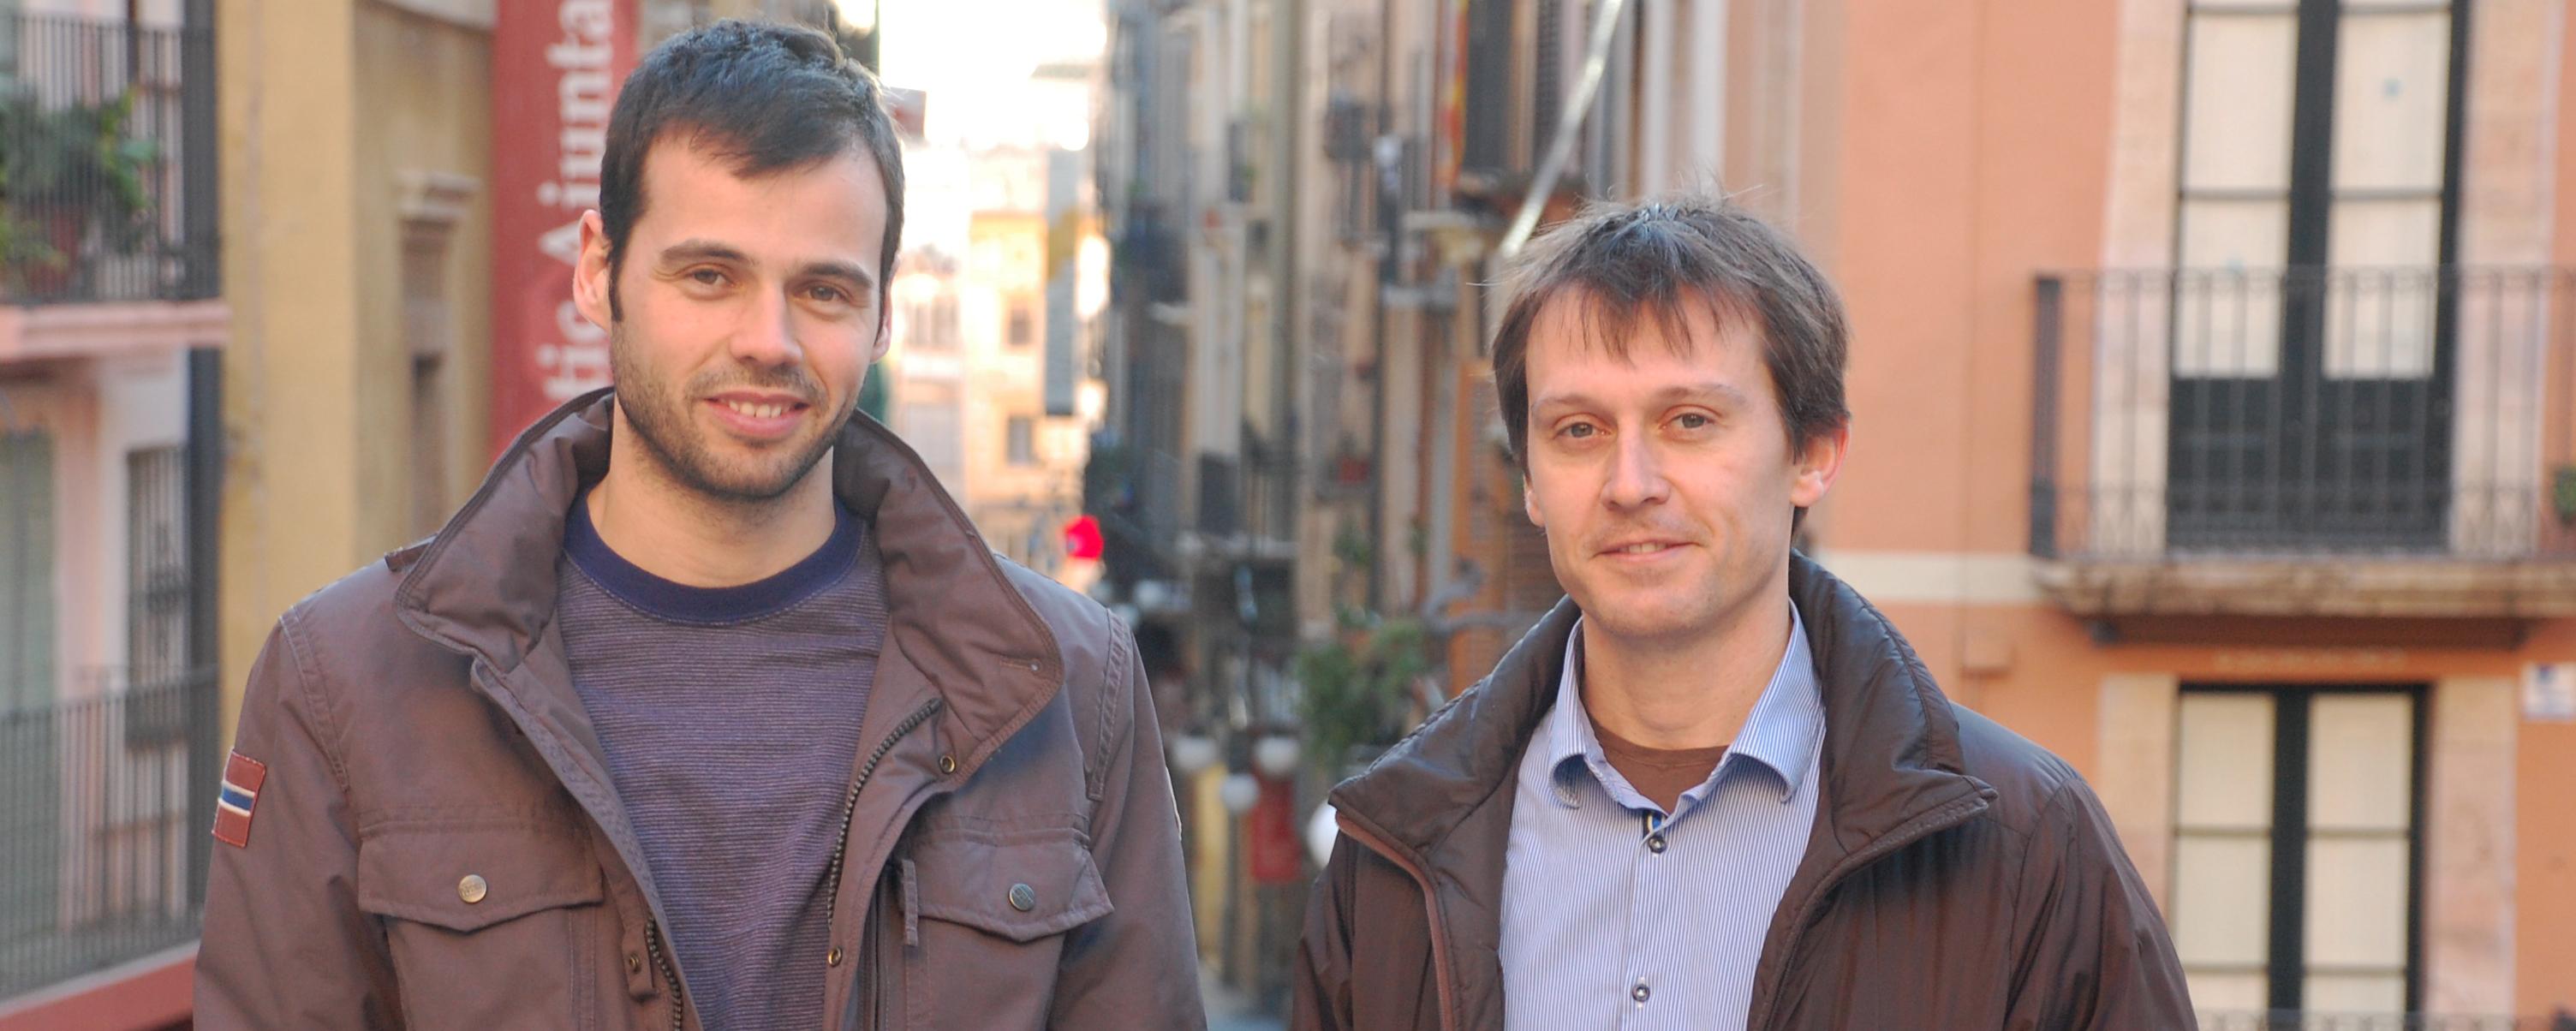 Peiró i Sentís, caps de colla dels Xiquets i la Jove, conversen amb el Fet a Tarragona.